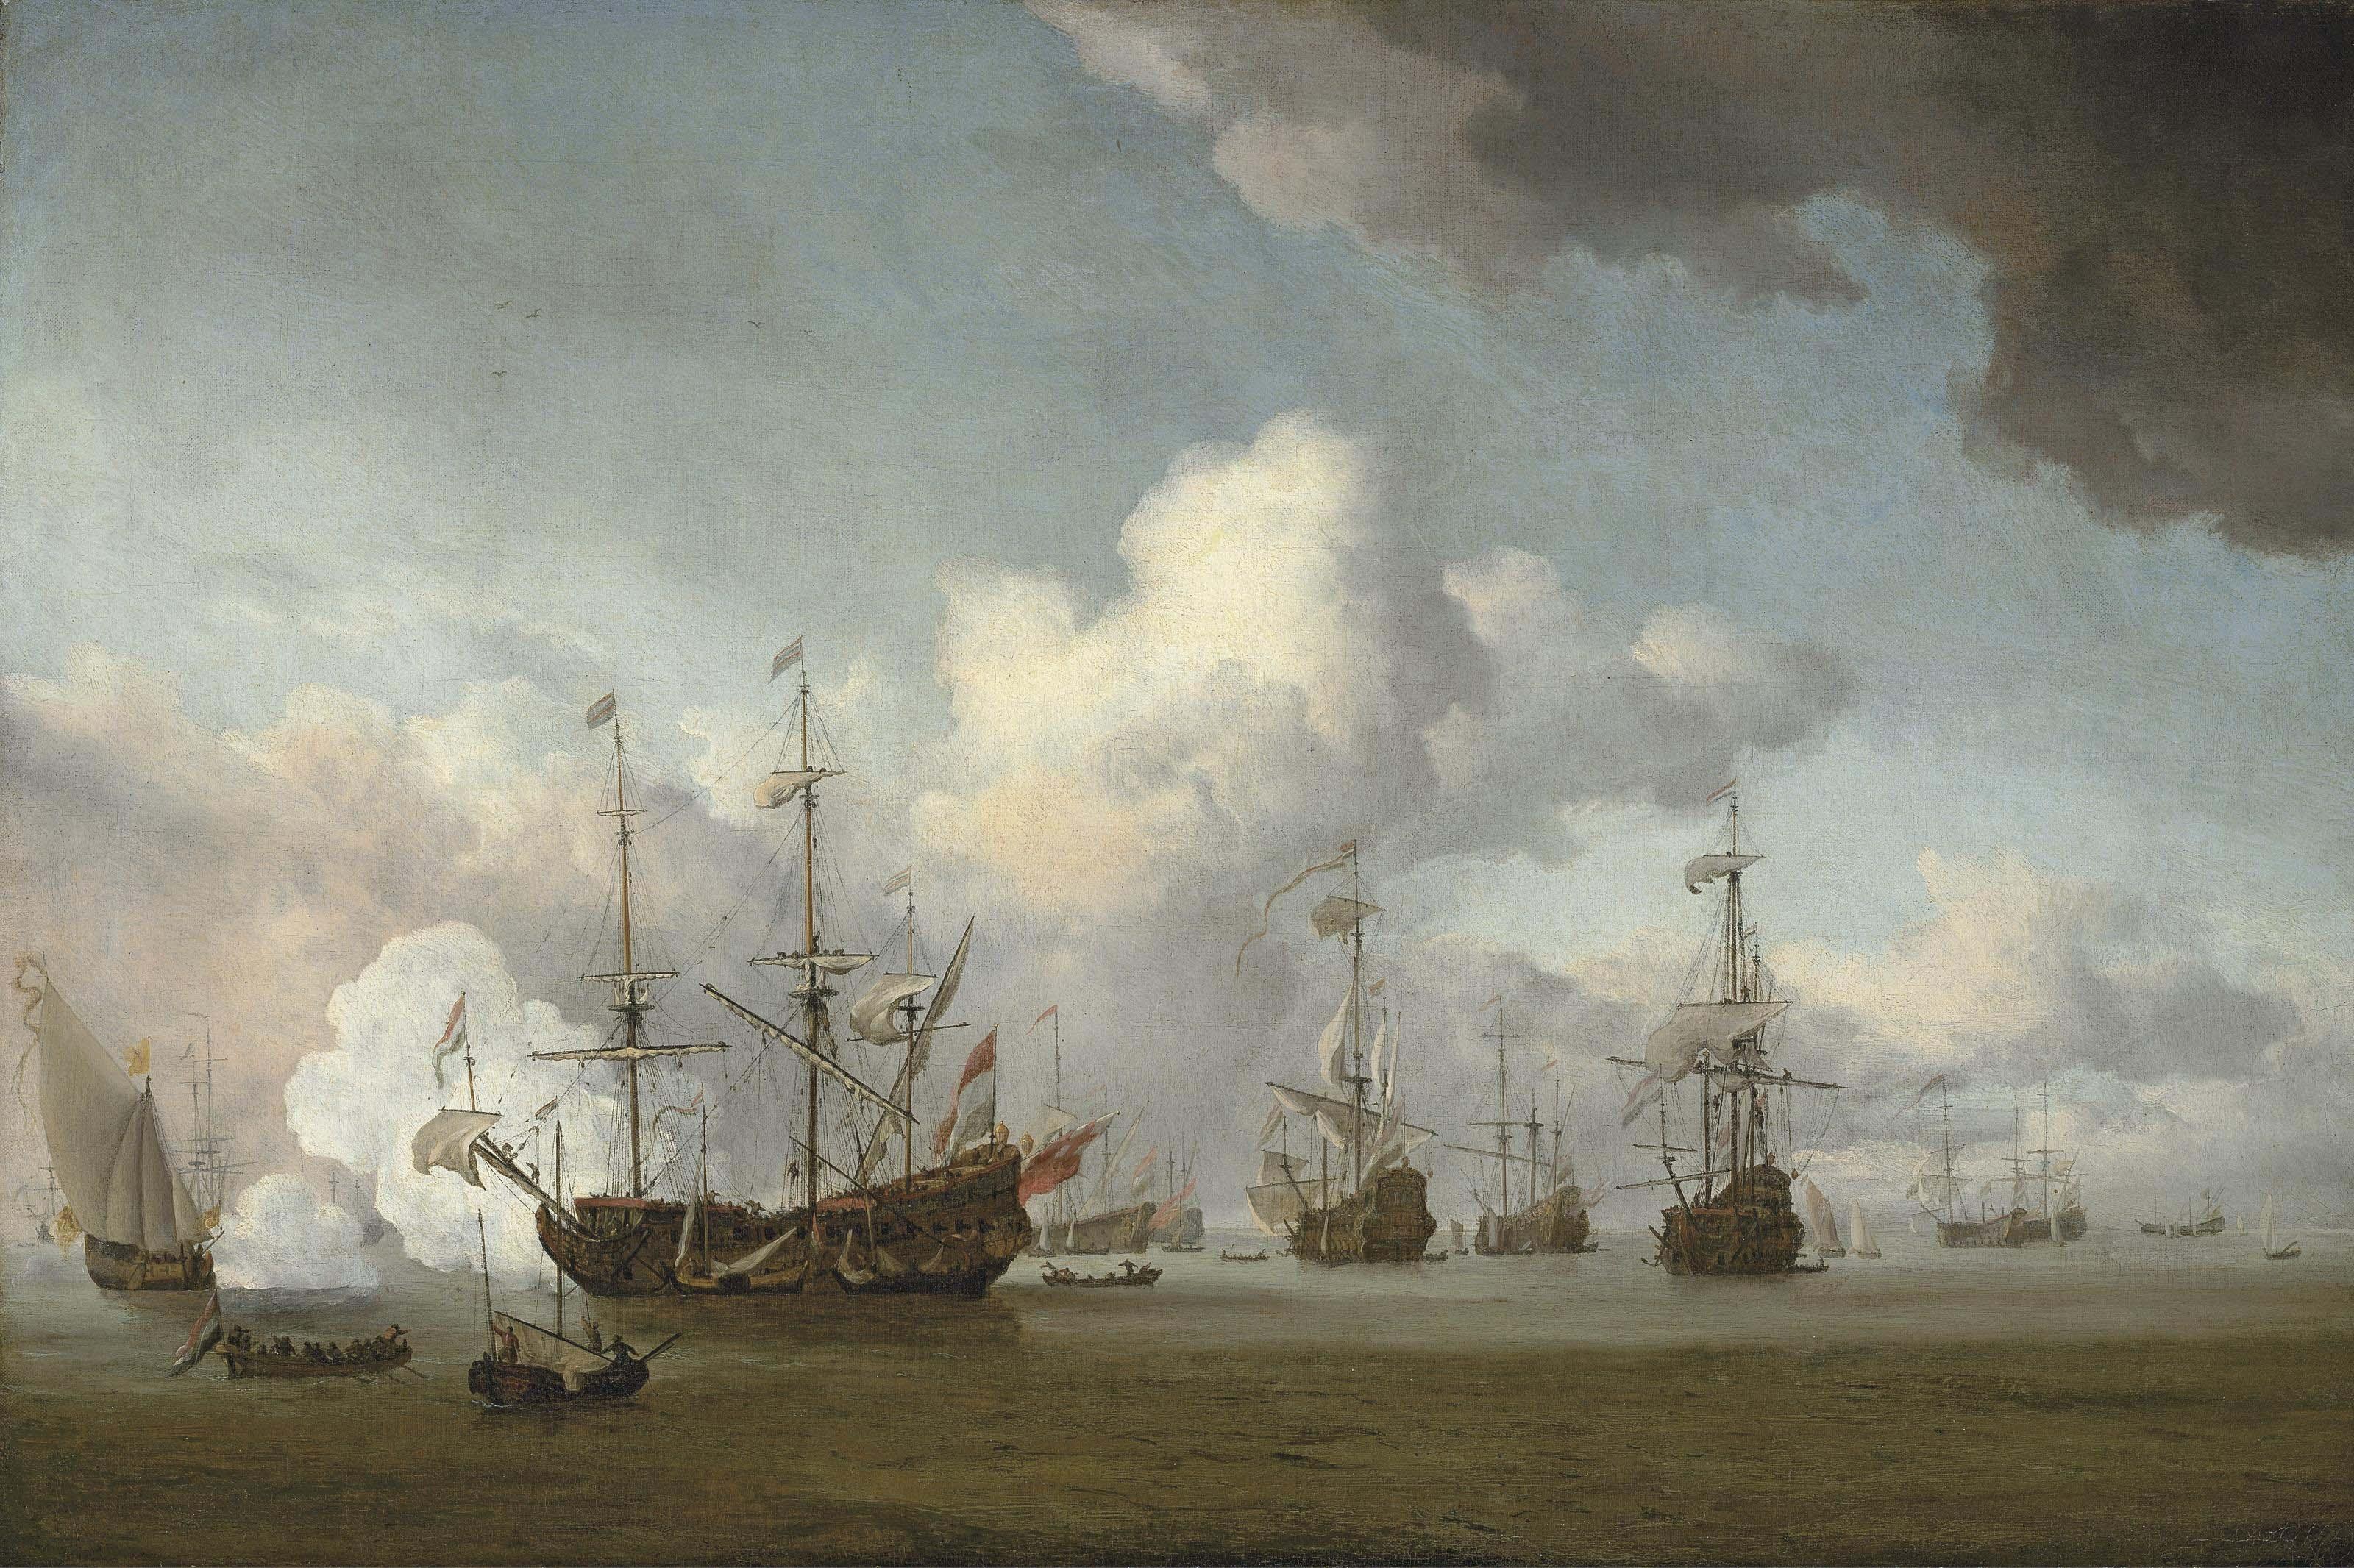 A fleet of Dutch men-o'-war at anchor, one firing a salute